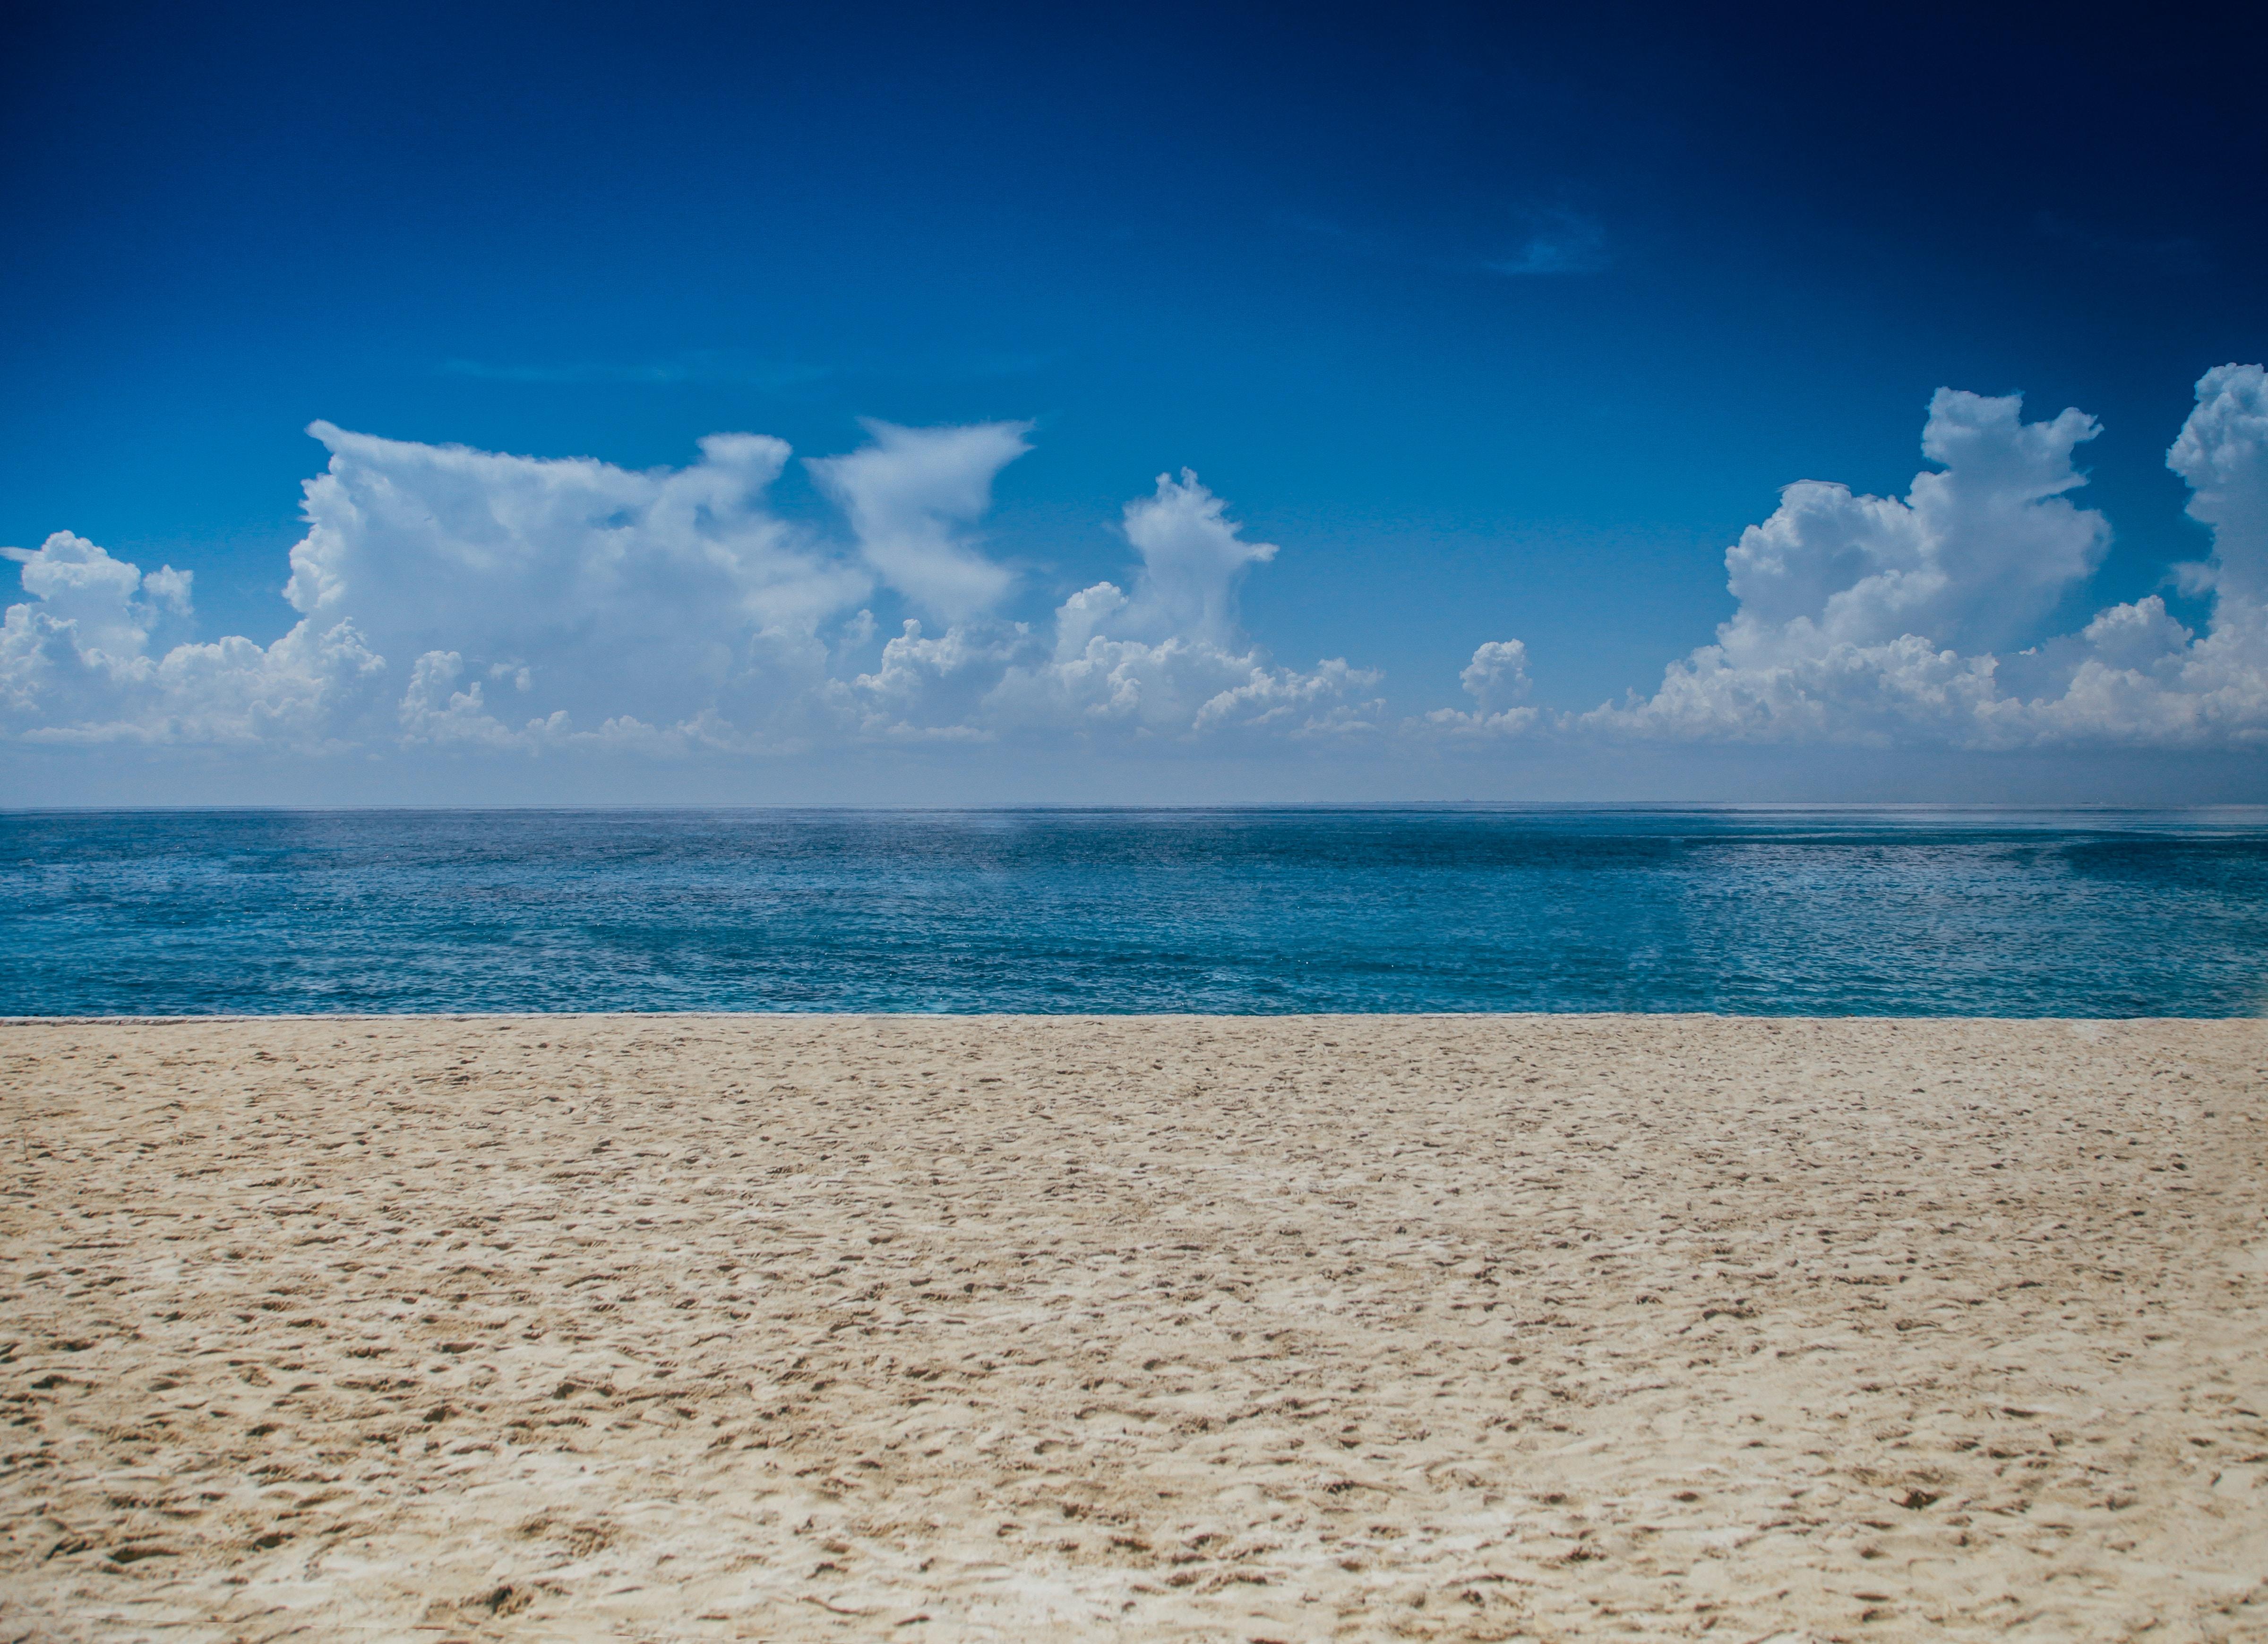 A sandy seashore along a bright blue ocean in Cozumel